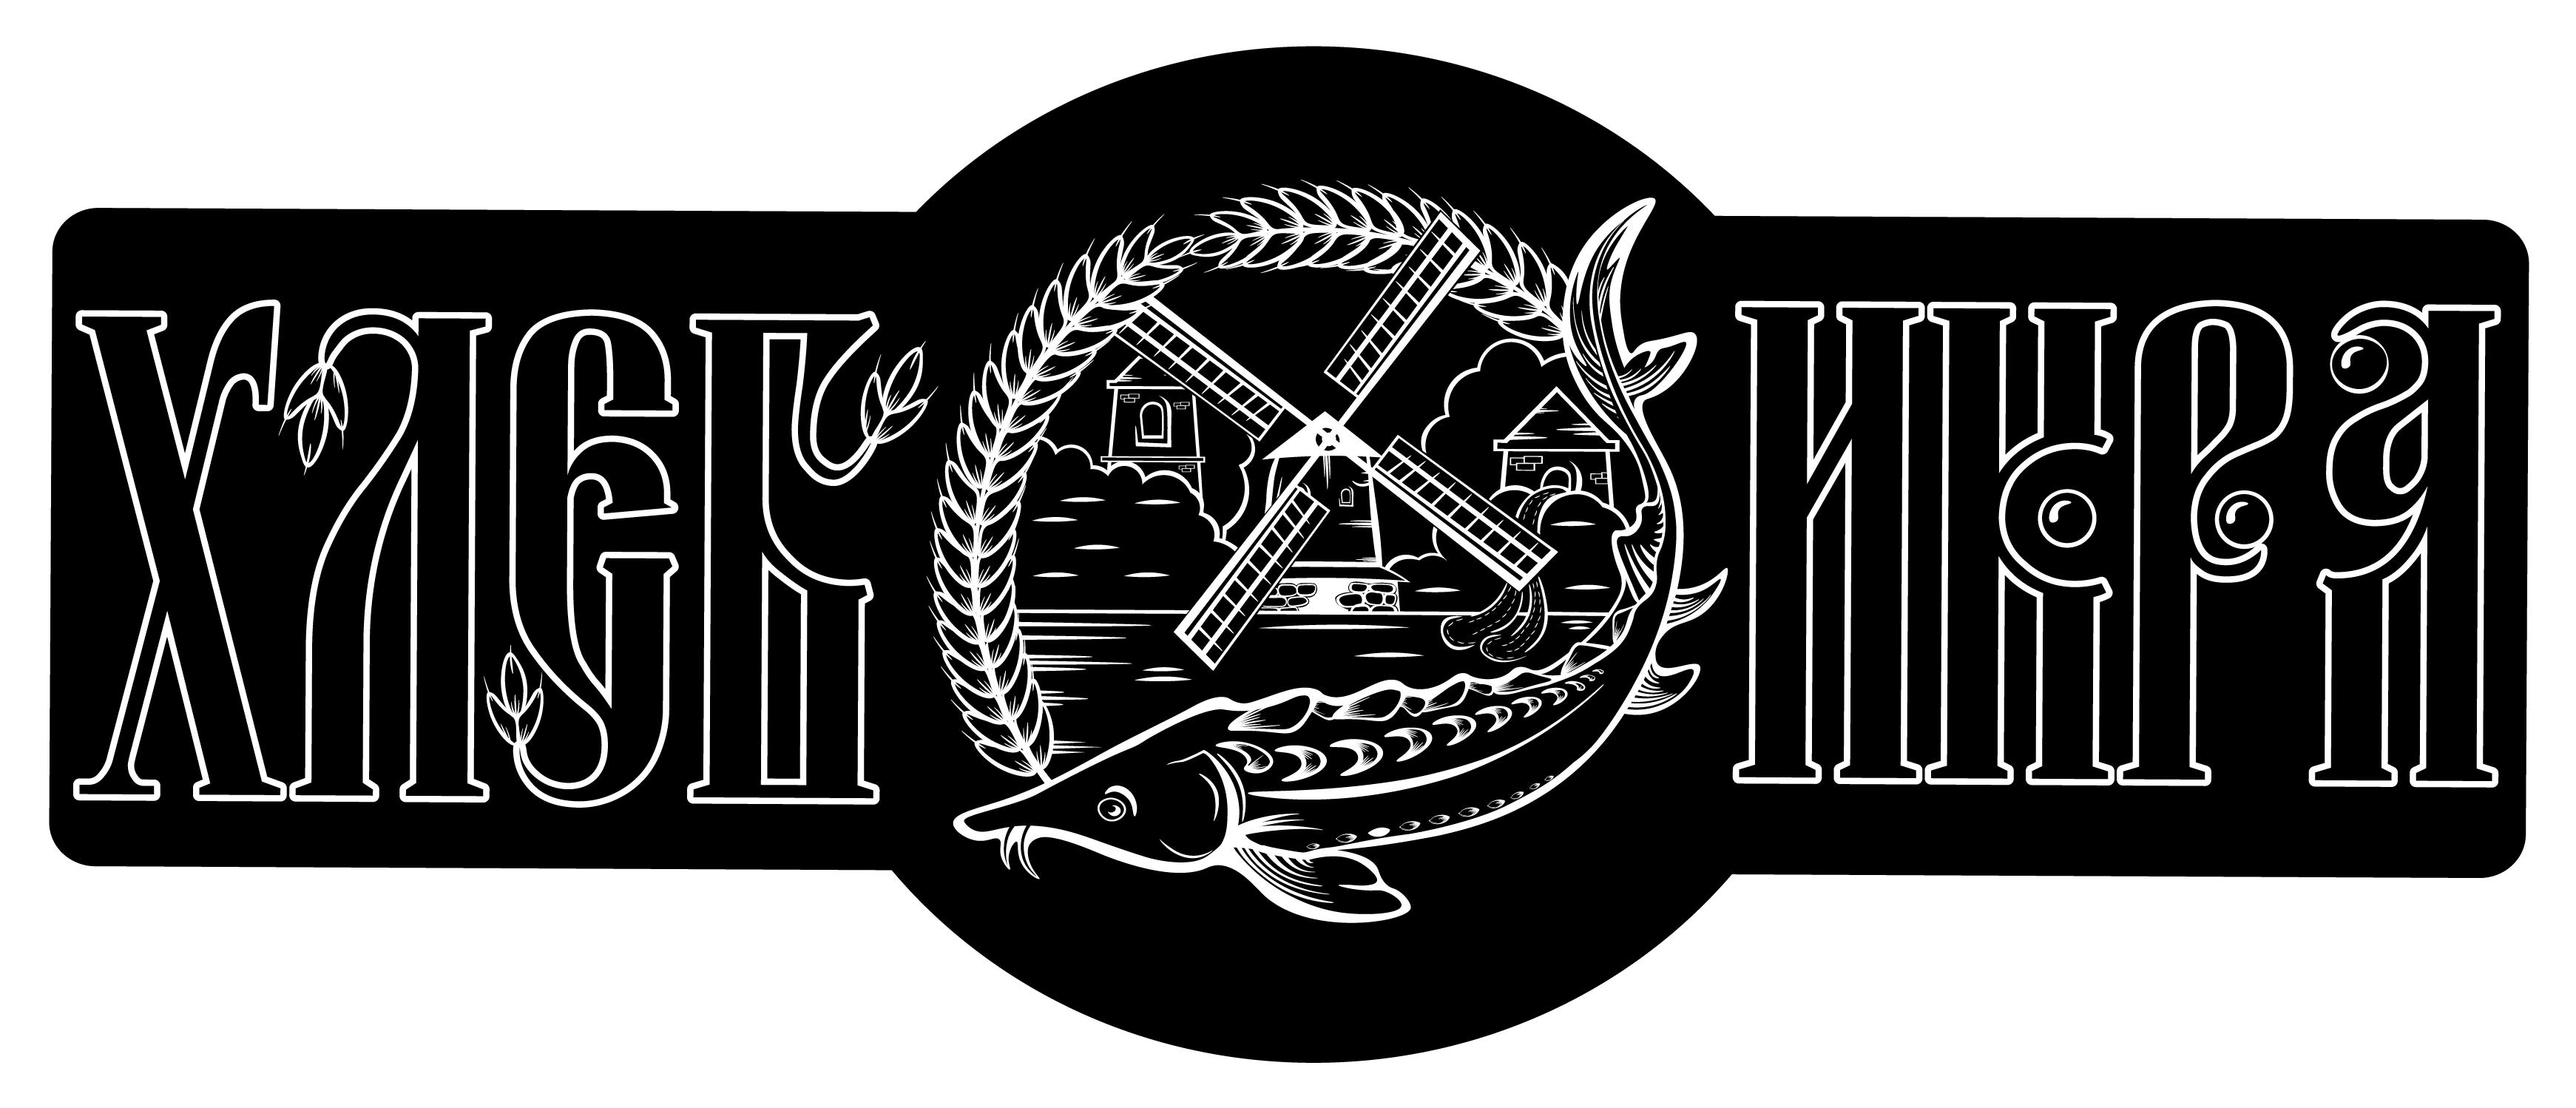 Разработка логотипа (написание)и разработка дизайна вывески  фото f_2955d7e9cd38fa85.png